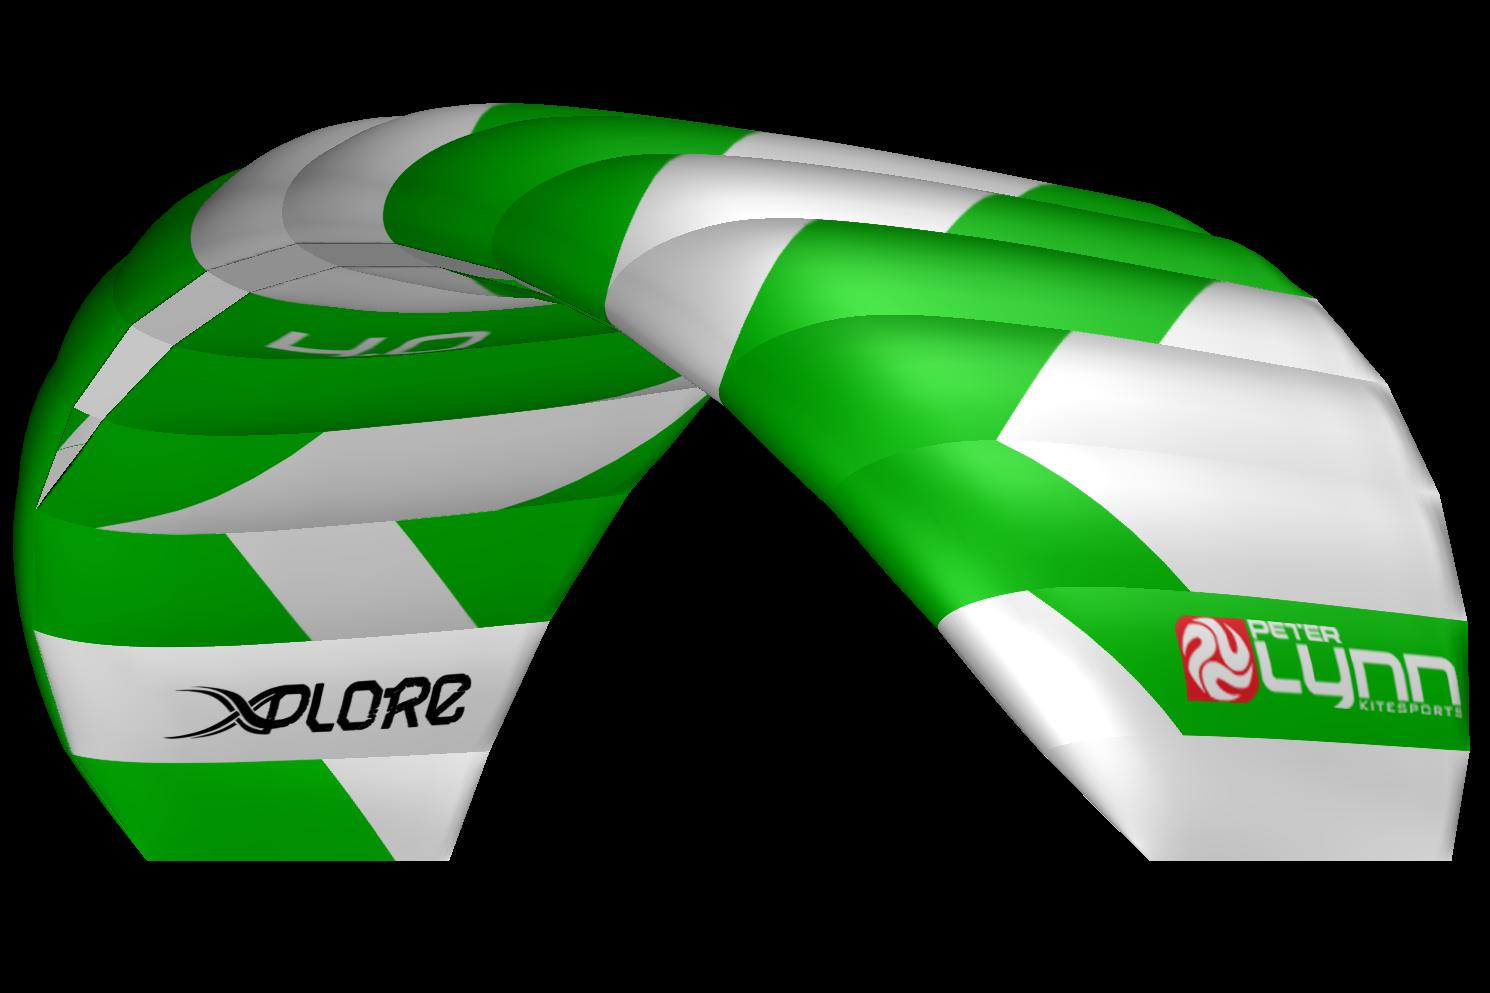 kite set Peter Lynn Xplore 4m2 zelený